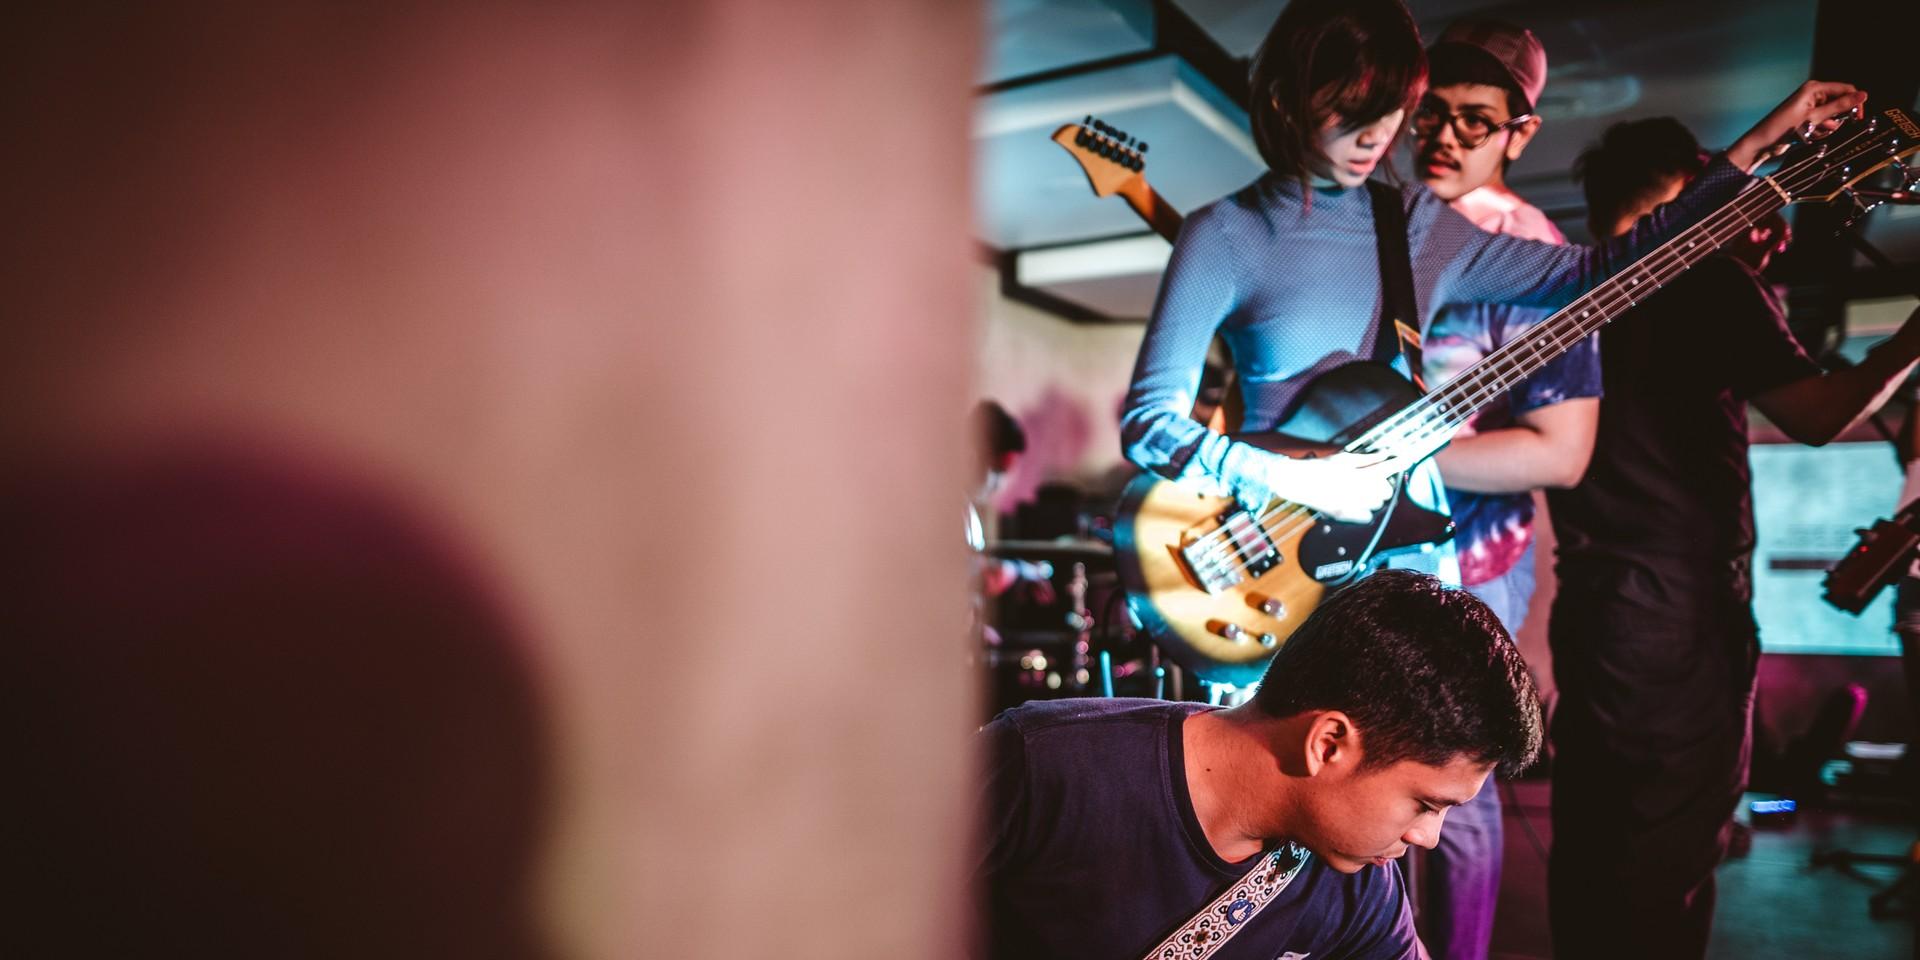 Get to know Fête de la Musique's Post-Rock/Math-Rock Stage lineup